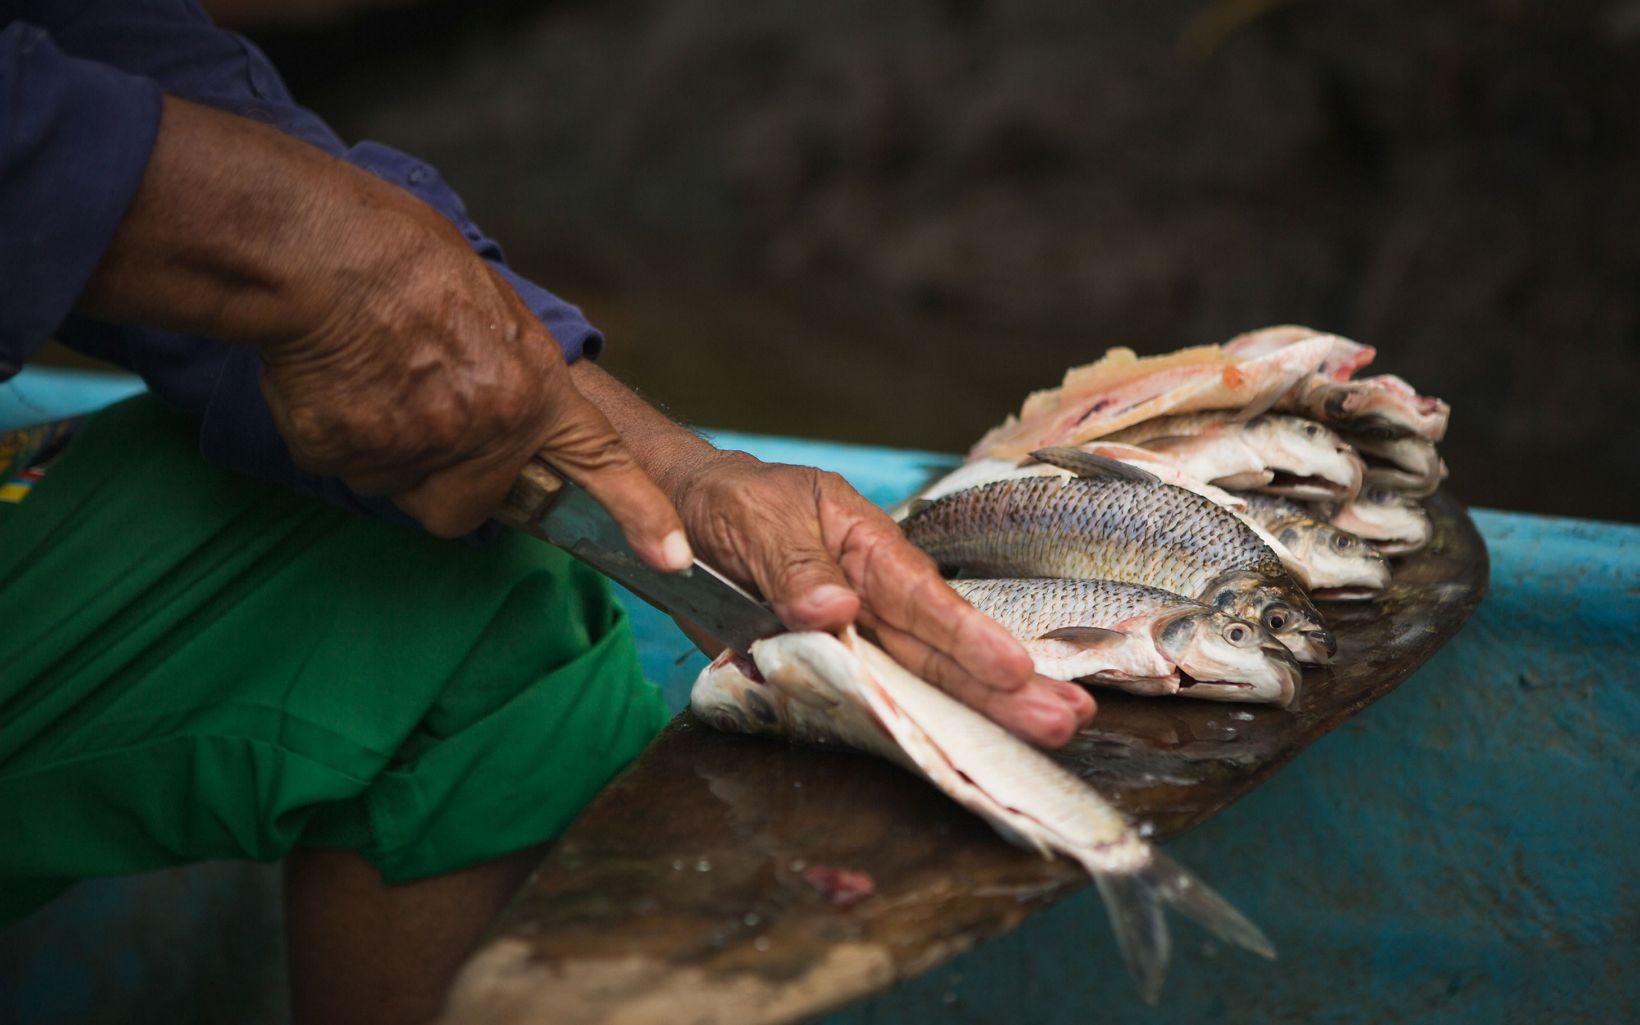 Un pescador prepara pescado fresco en Bocas de Barbacoas, la desembocadura de la cuenca del río Magdalena en Antioquia, Colombia.